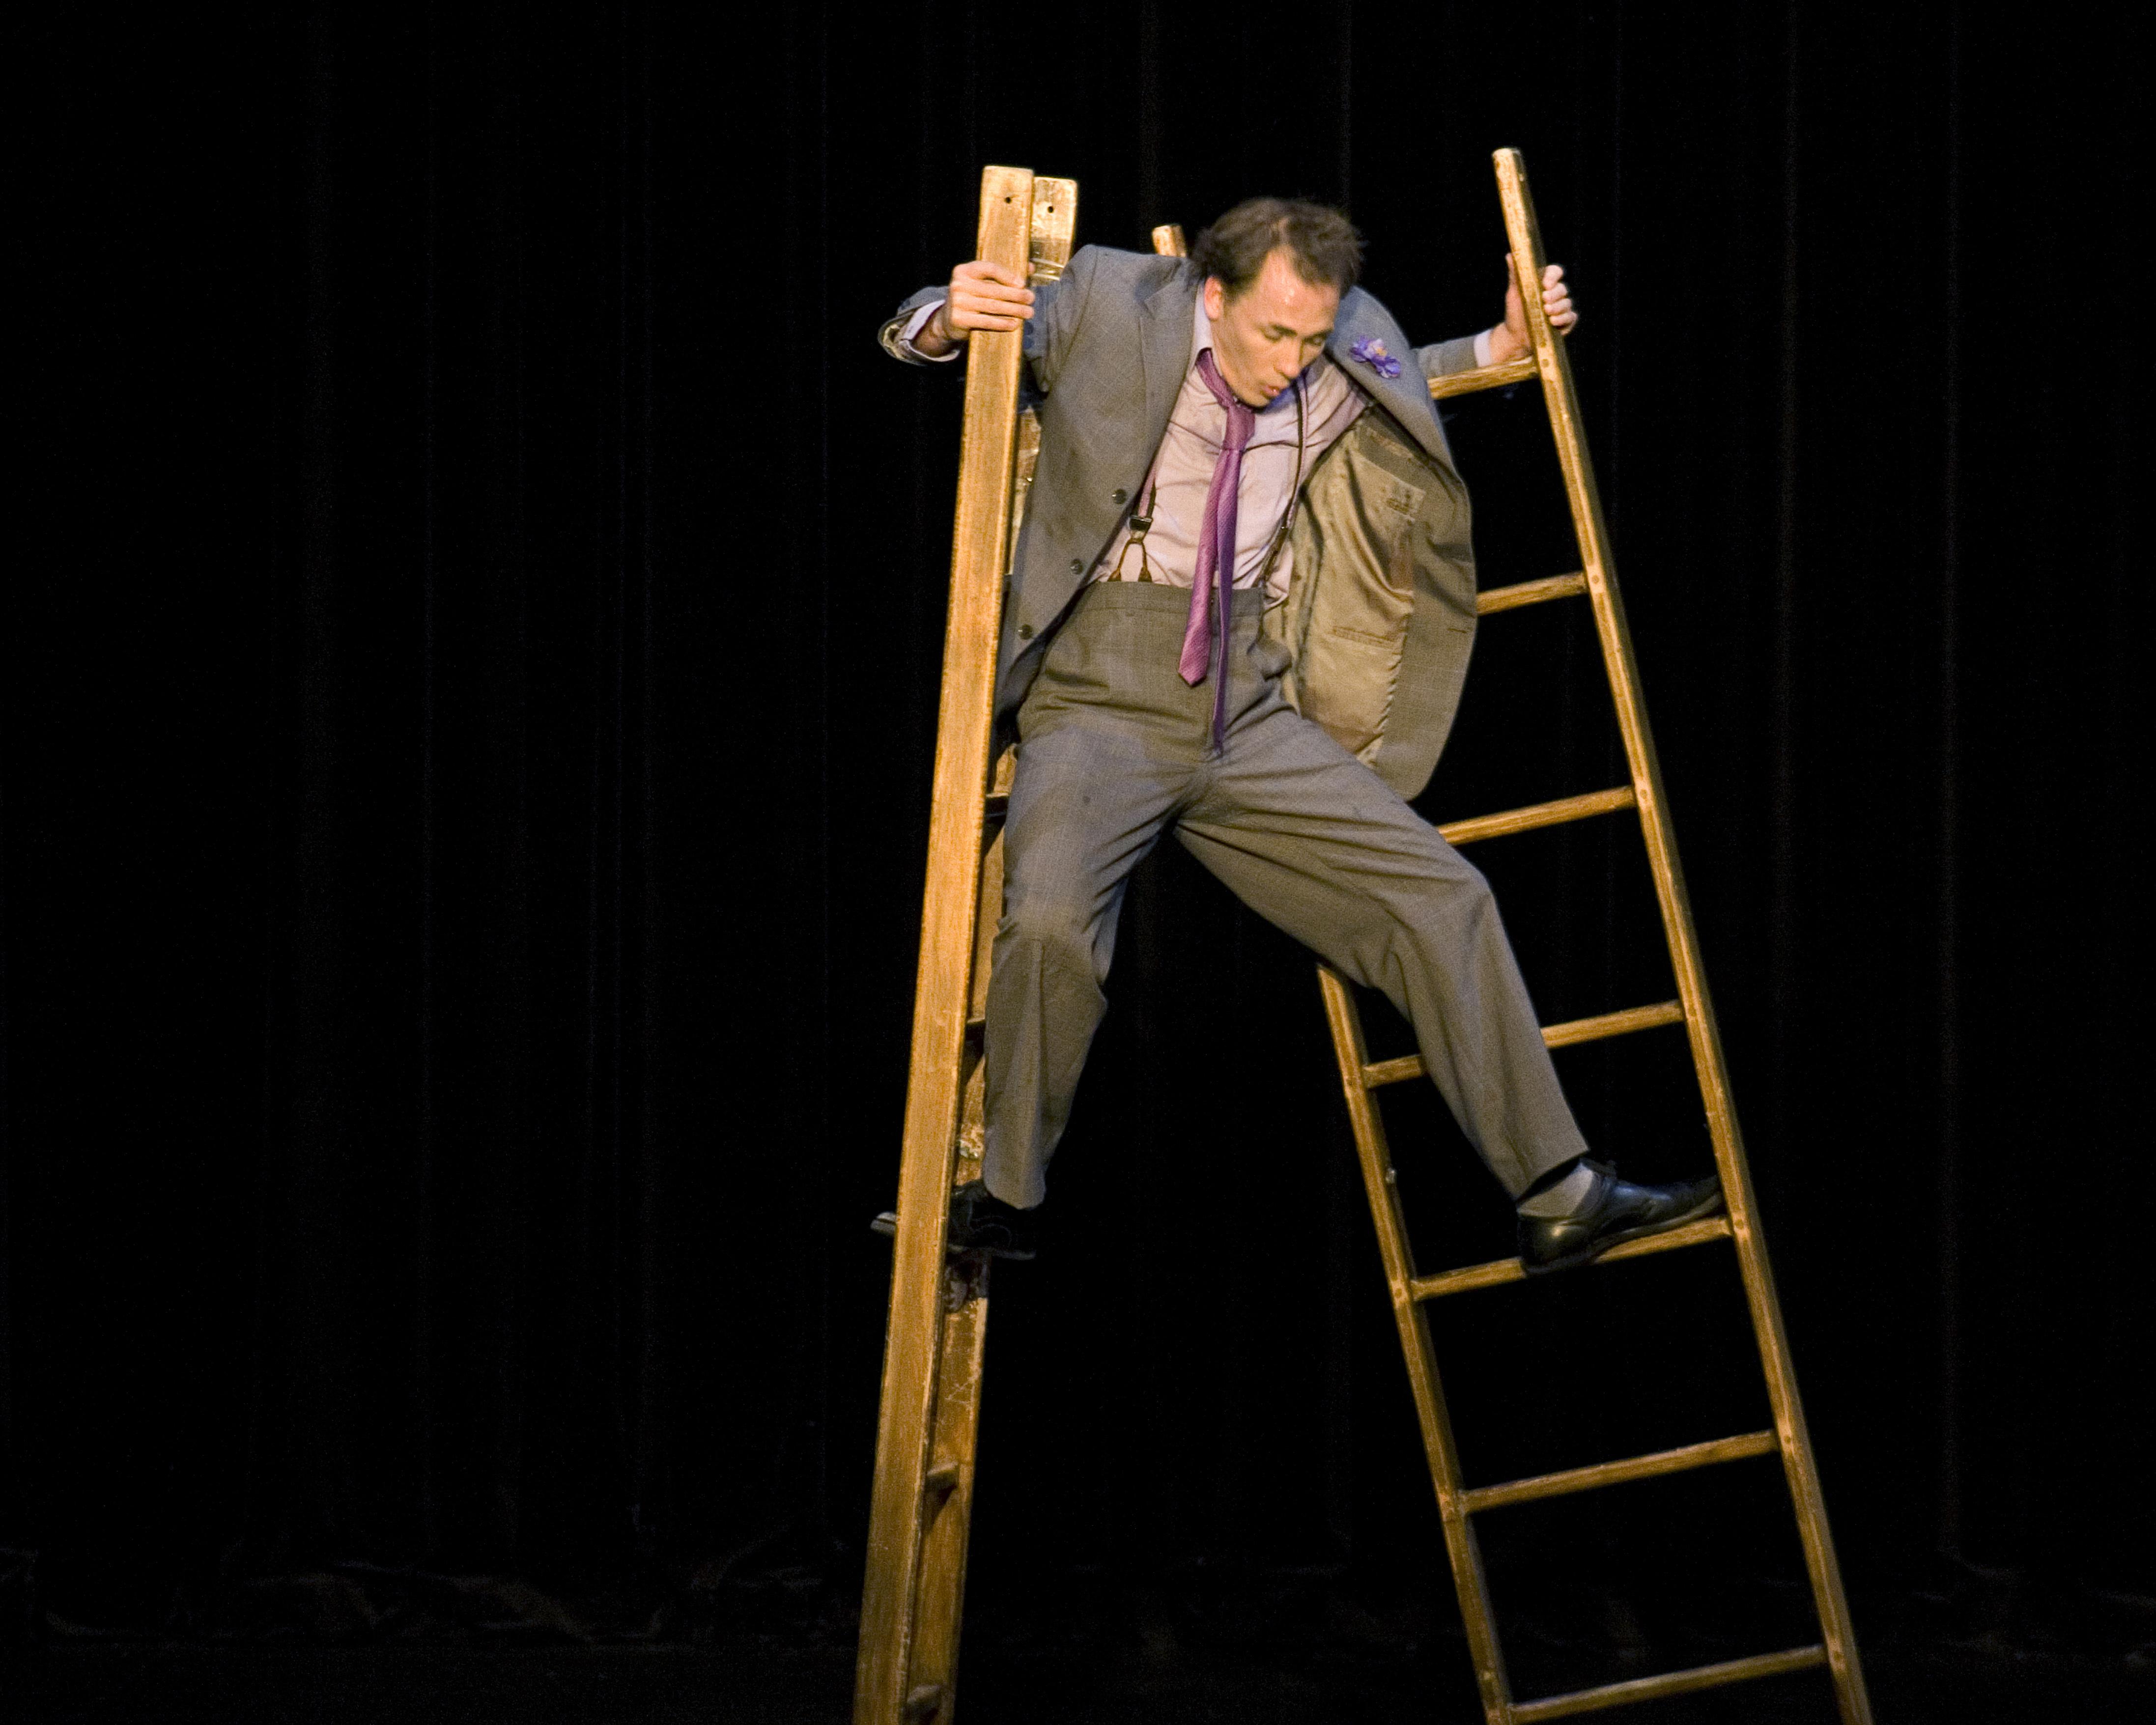 Ladders1.jpg